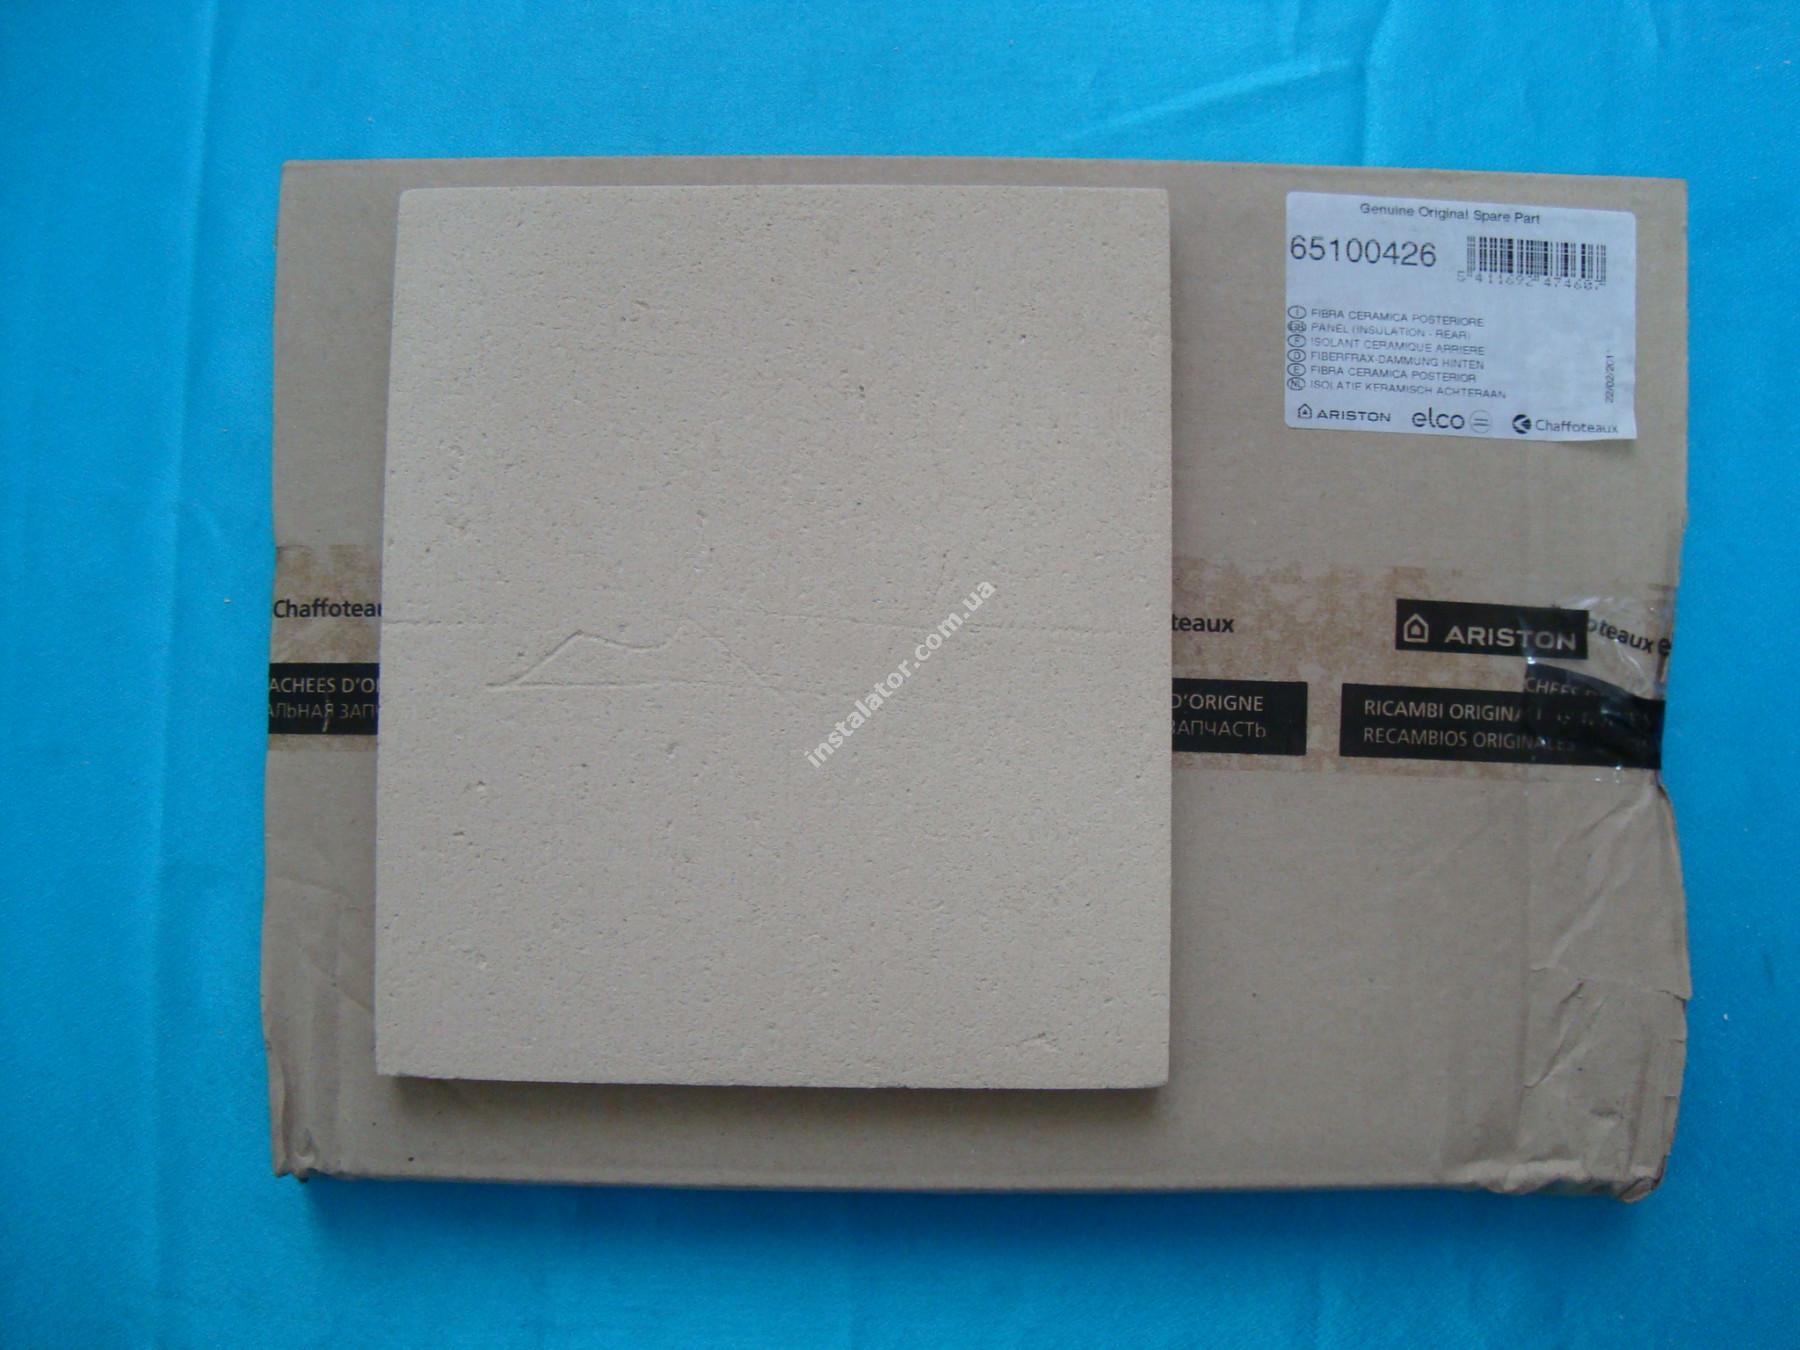 65100426 Ізоляція камери згорання (задня) full-image-1